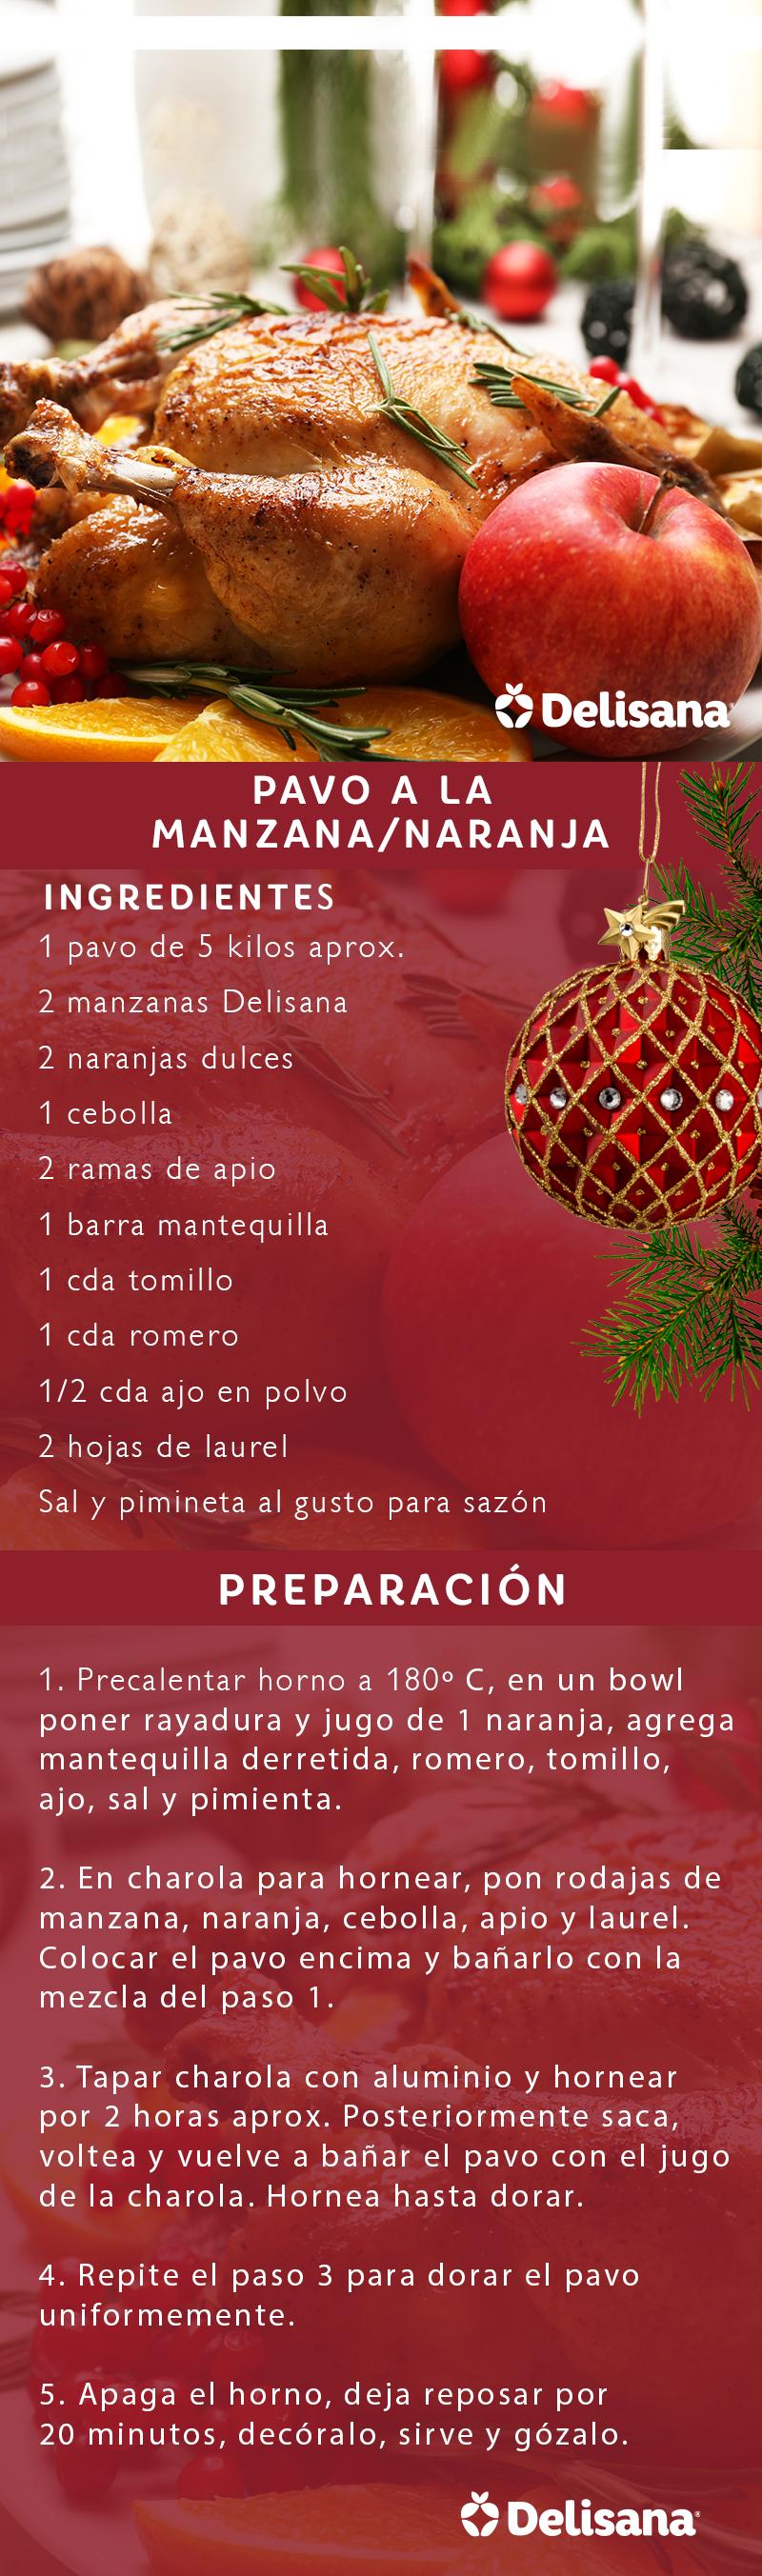 Para ese momento familiar, una receta deliciosa que va perfecta para el evento #RecetasDelisana